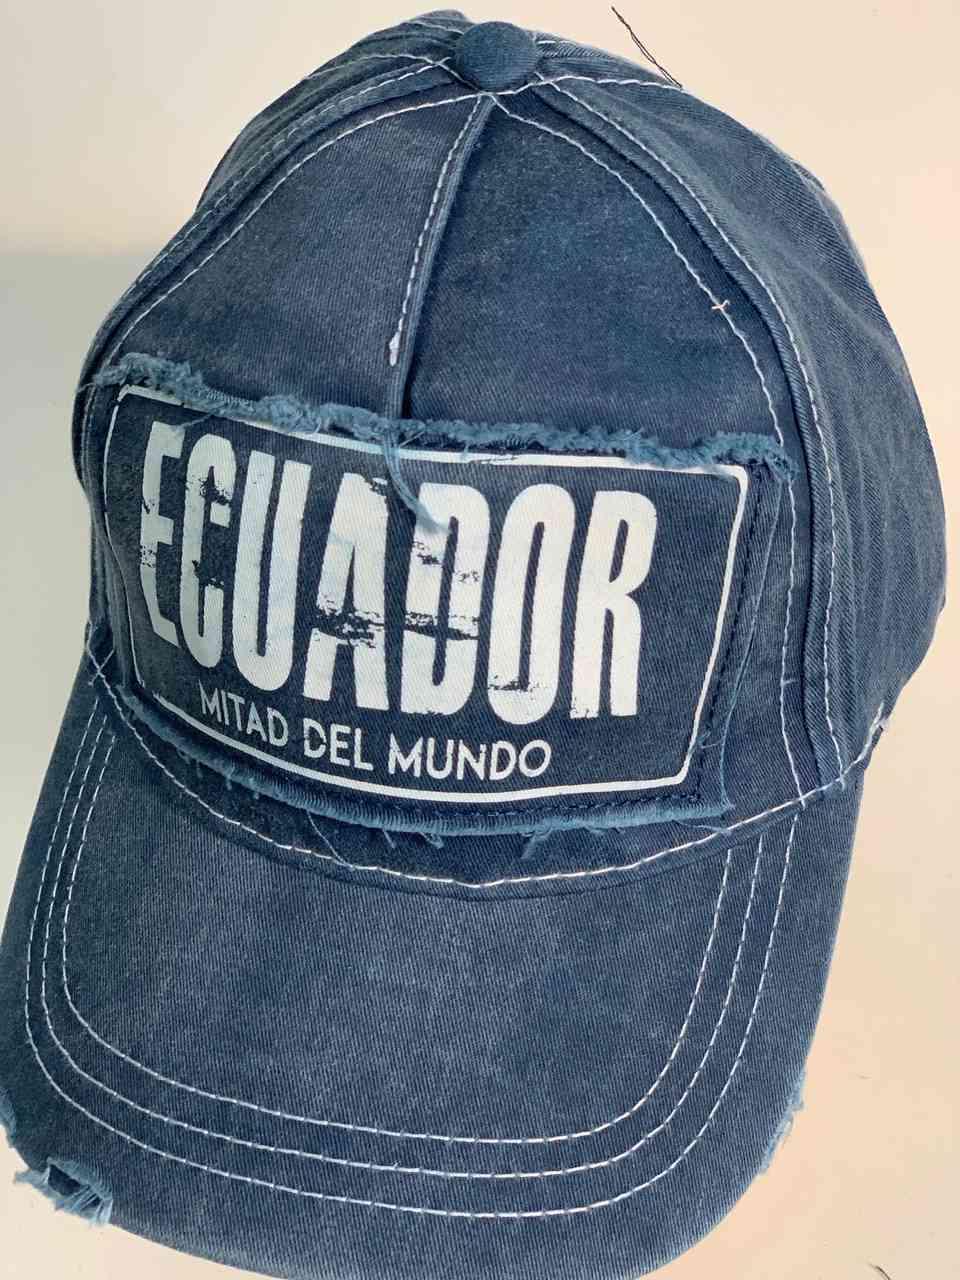 Мужская джинсовая кепка ECUADOR